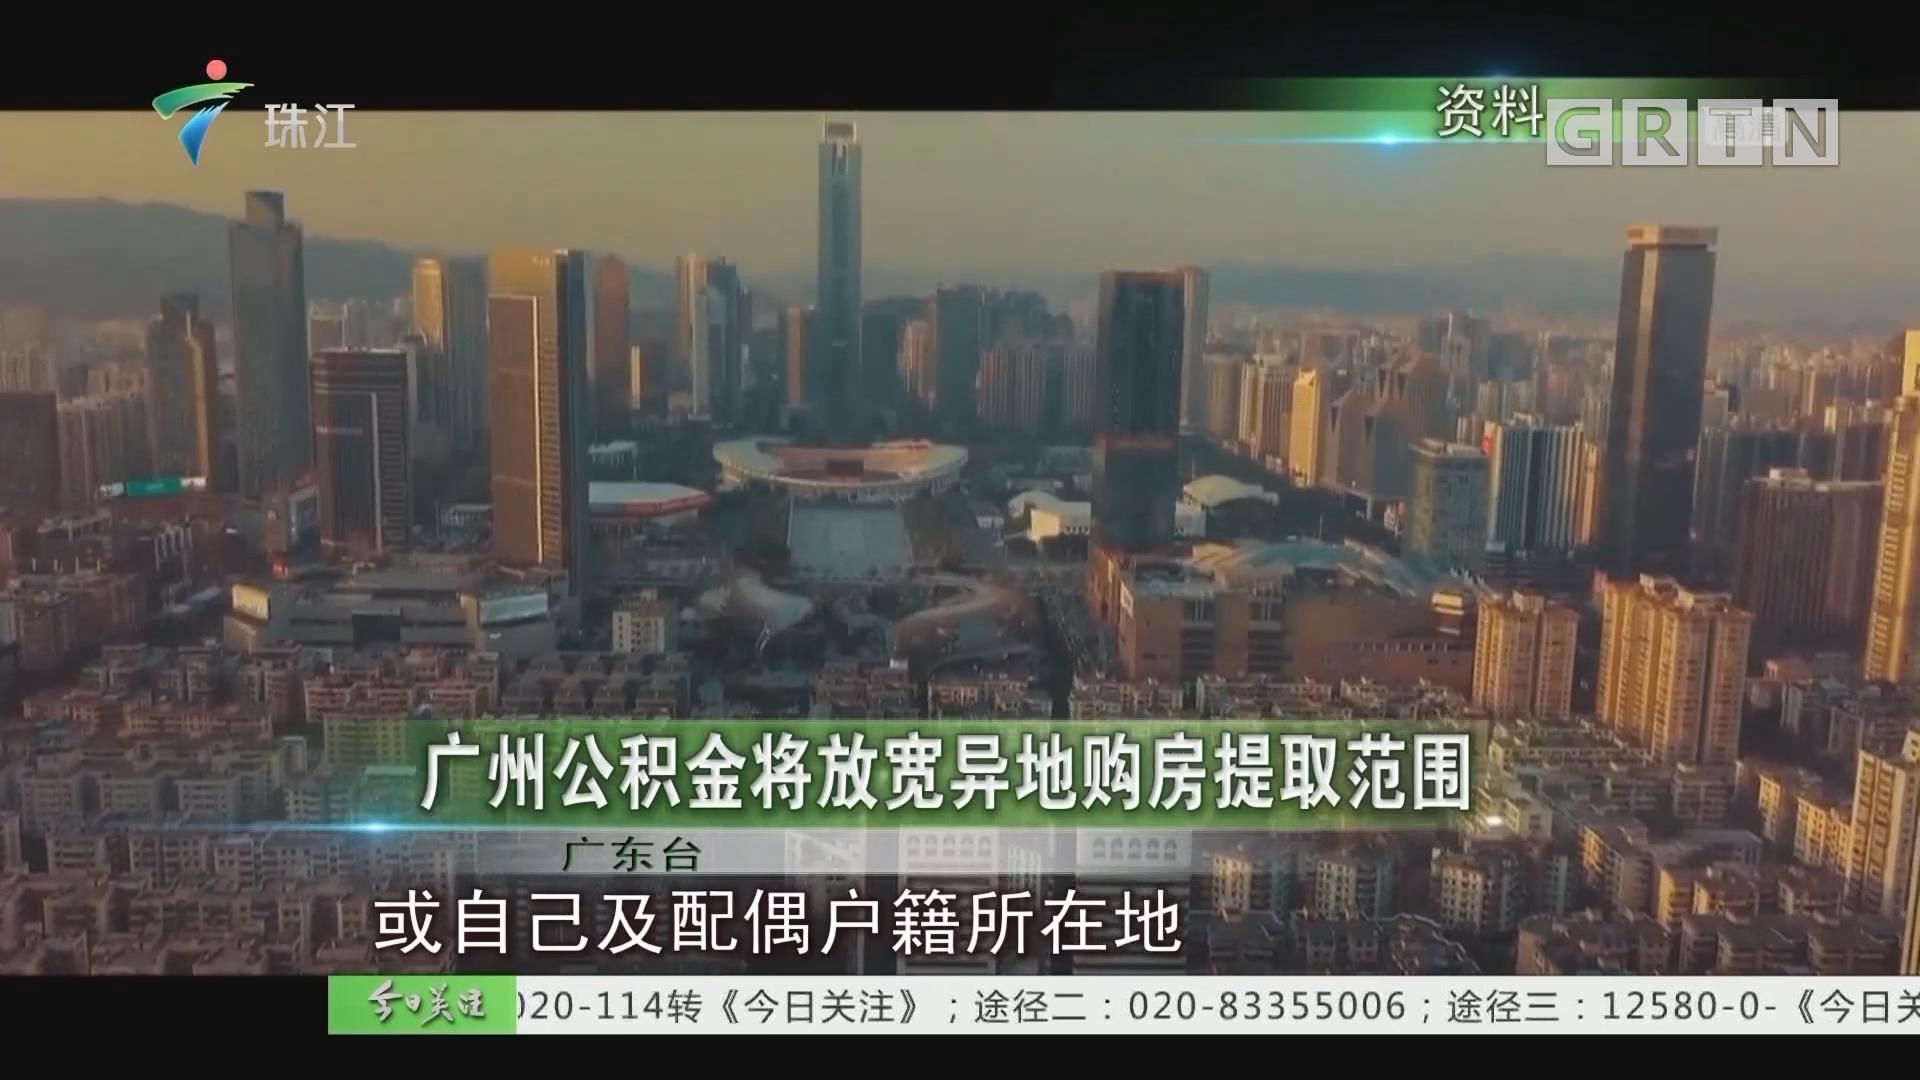 广州公积金将放宽异地购房提取范围